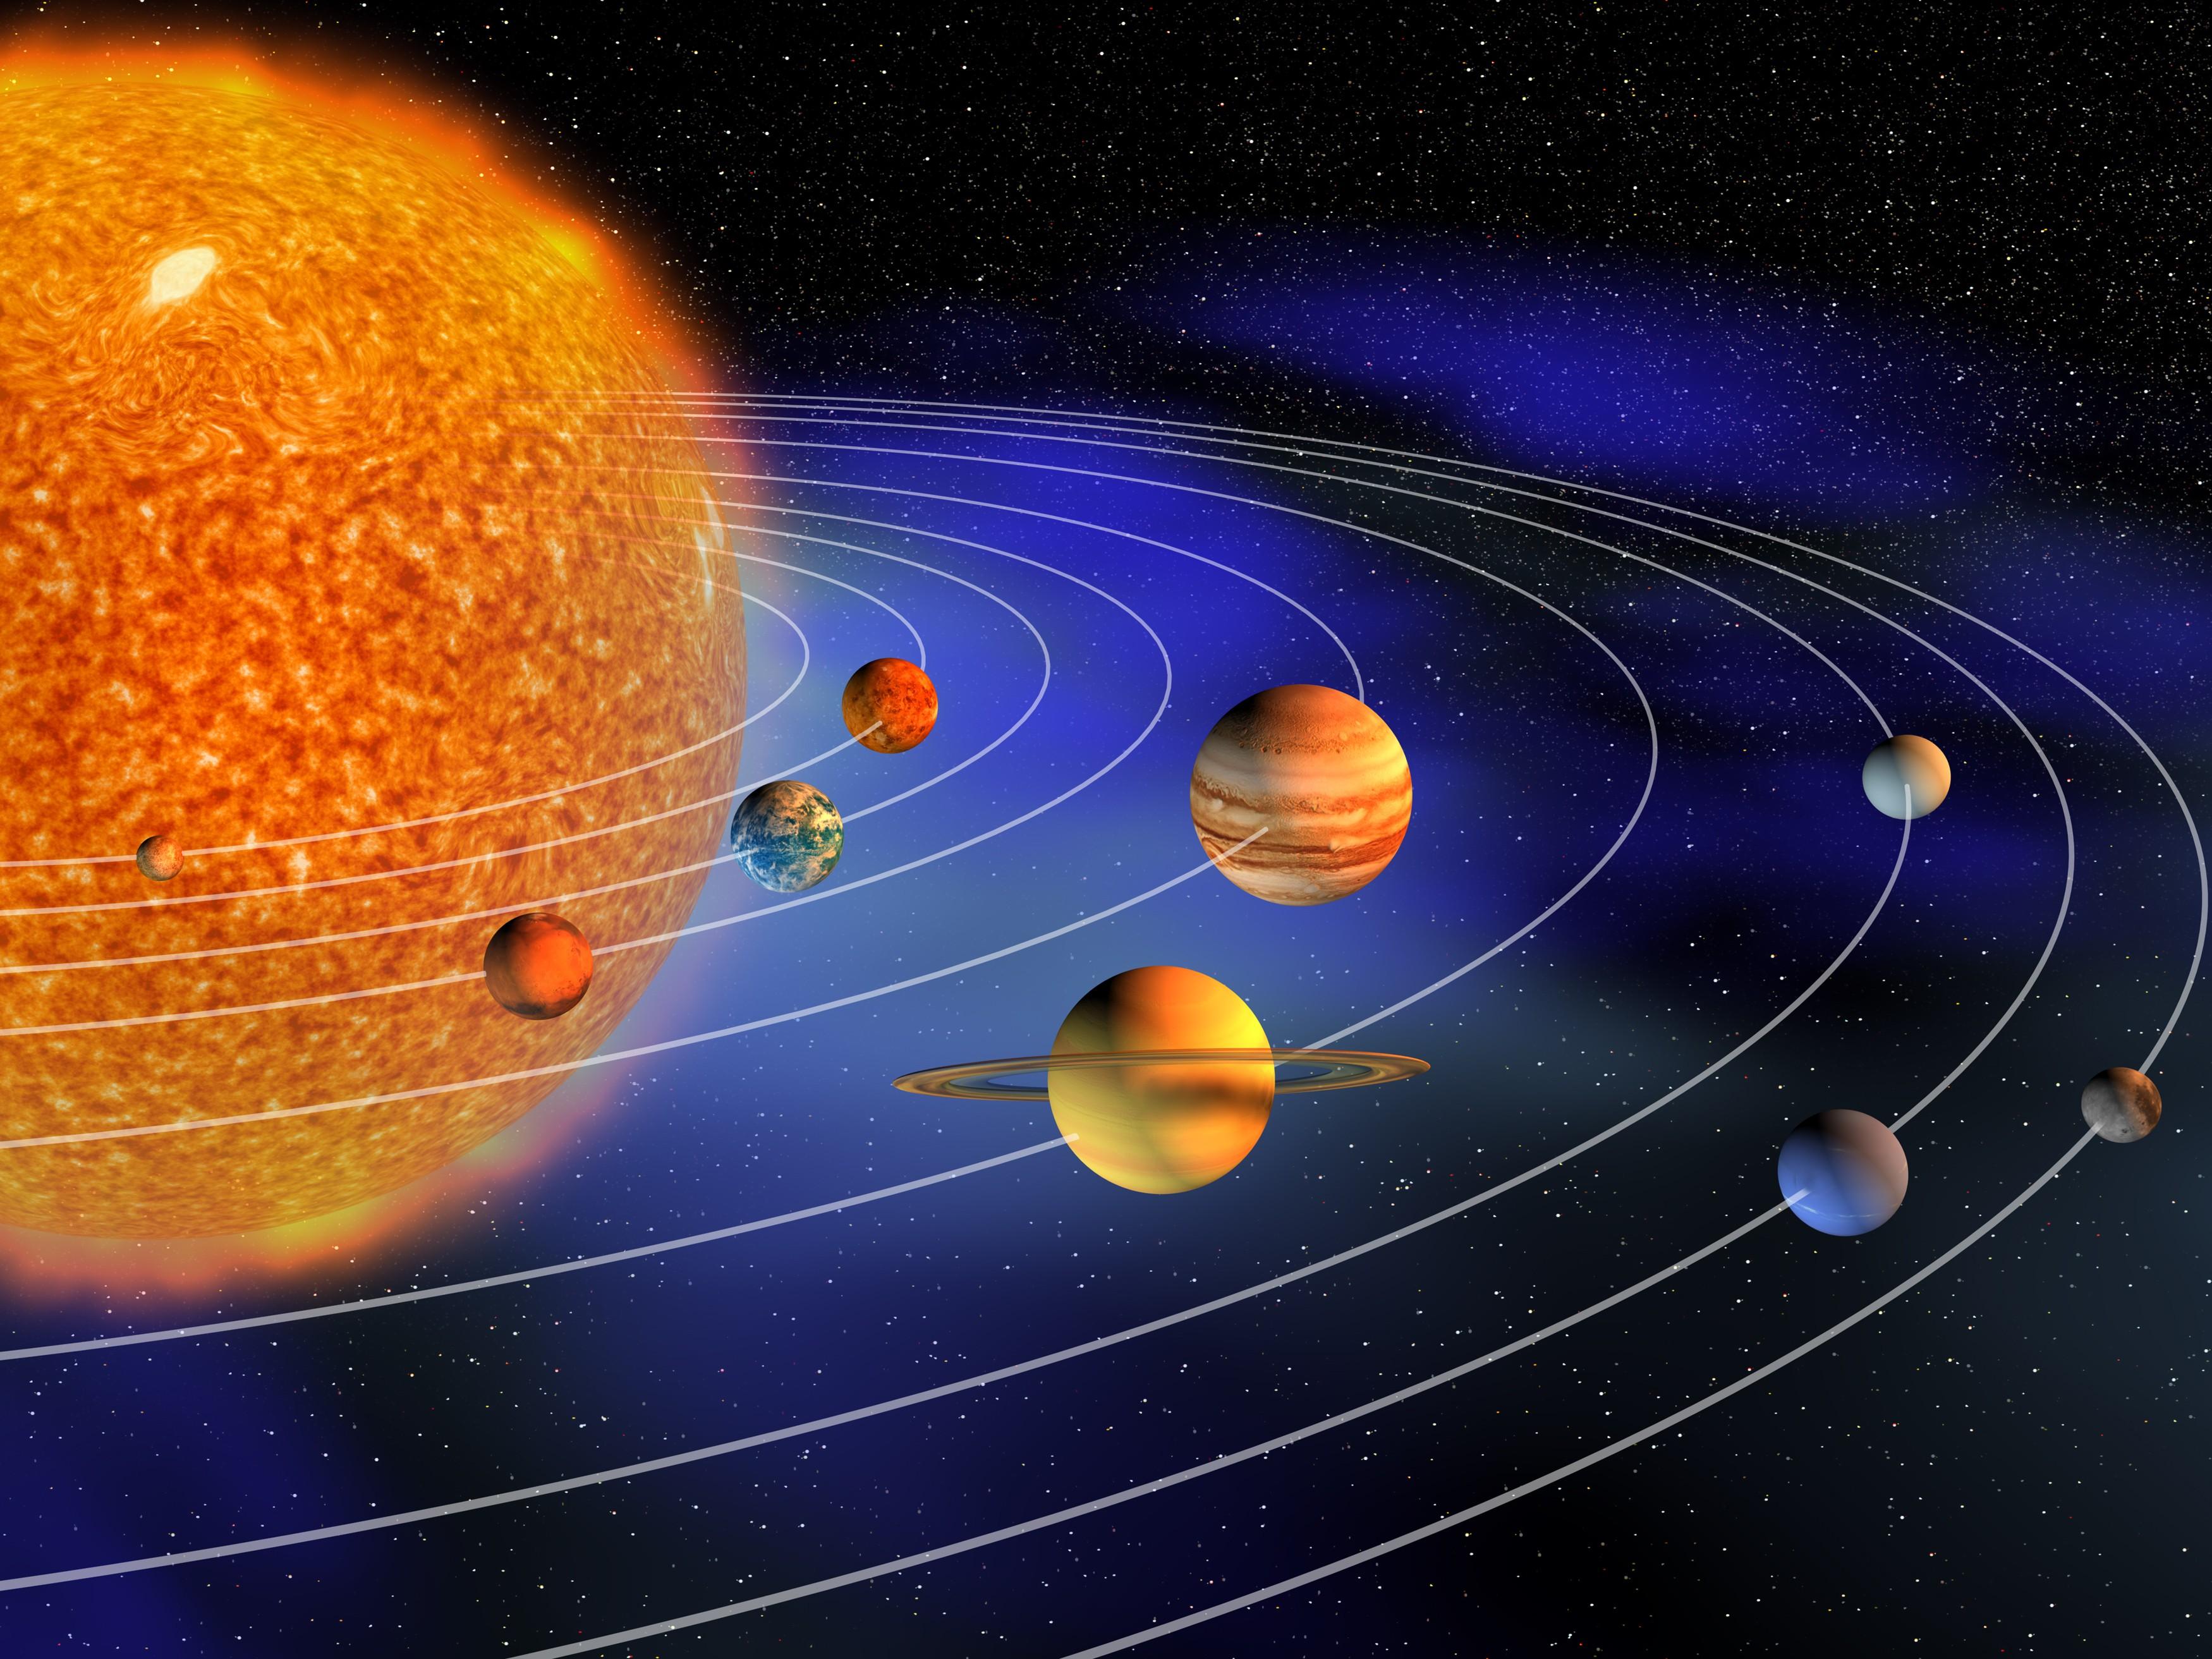 гола местные фото всех планет солнечной системы устанавливаются